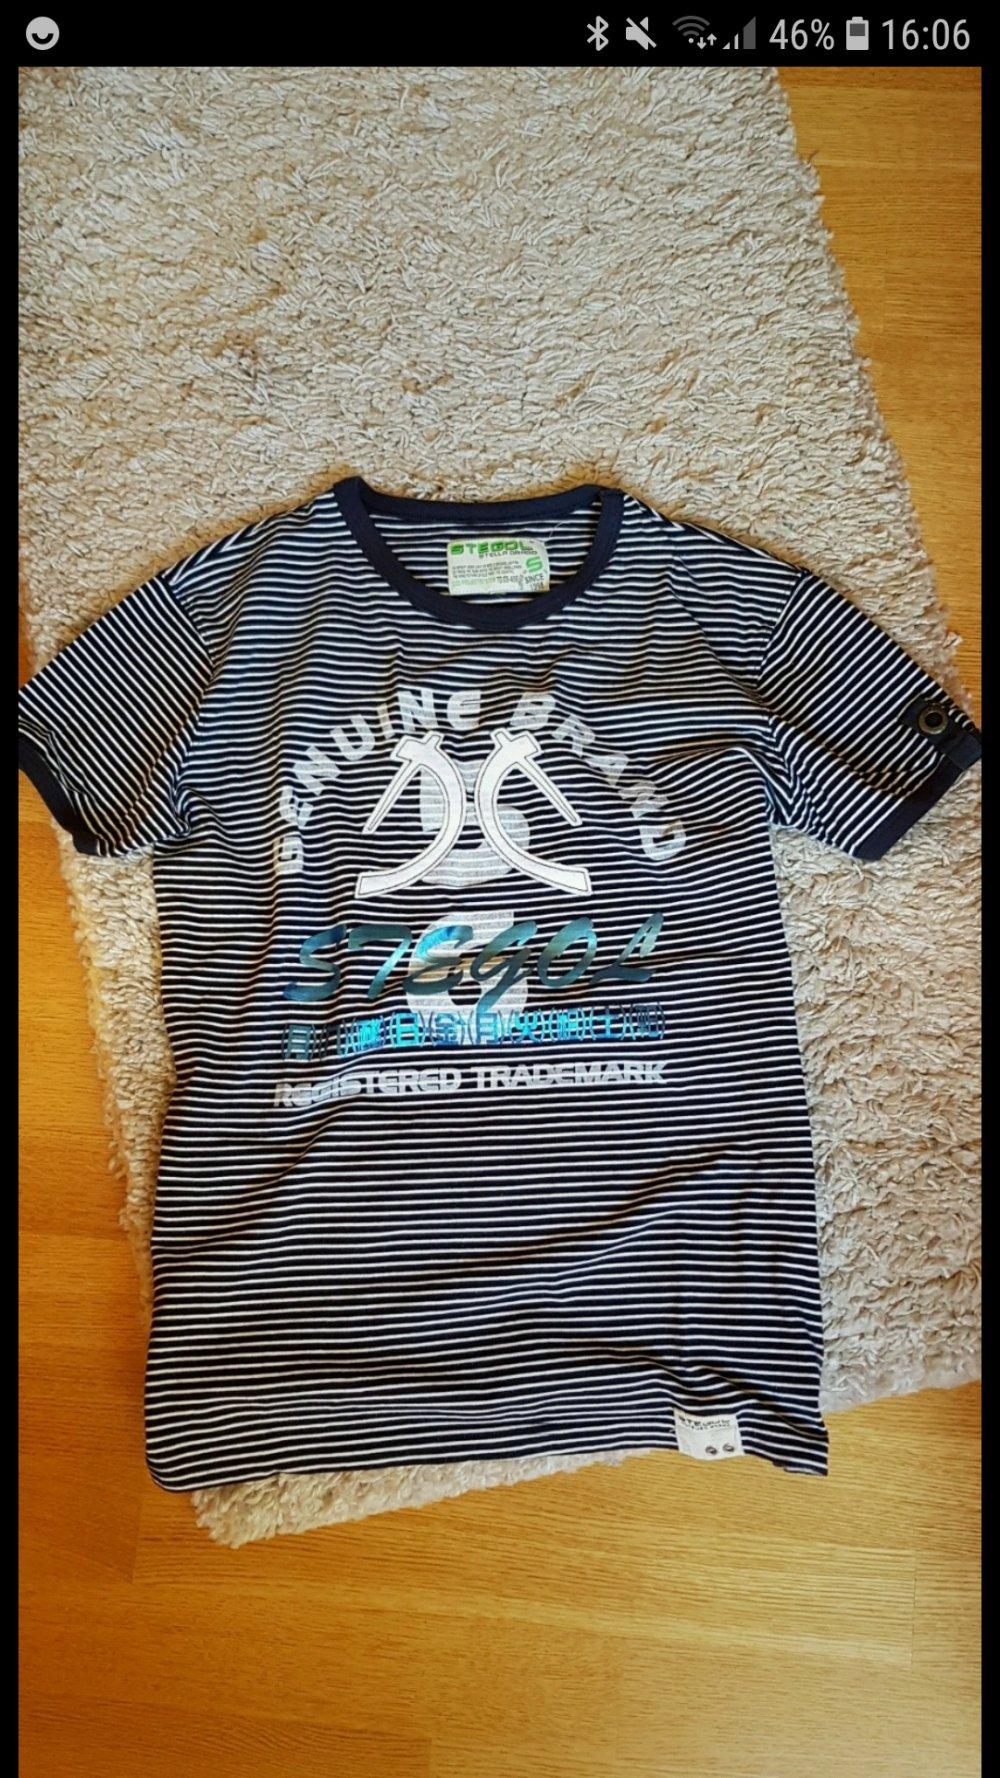 Destroyed-Shirt mit verzierten Schrift-Print weiß